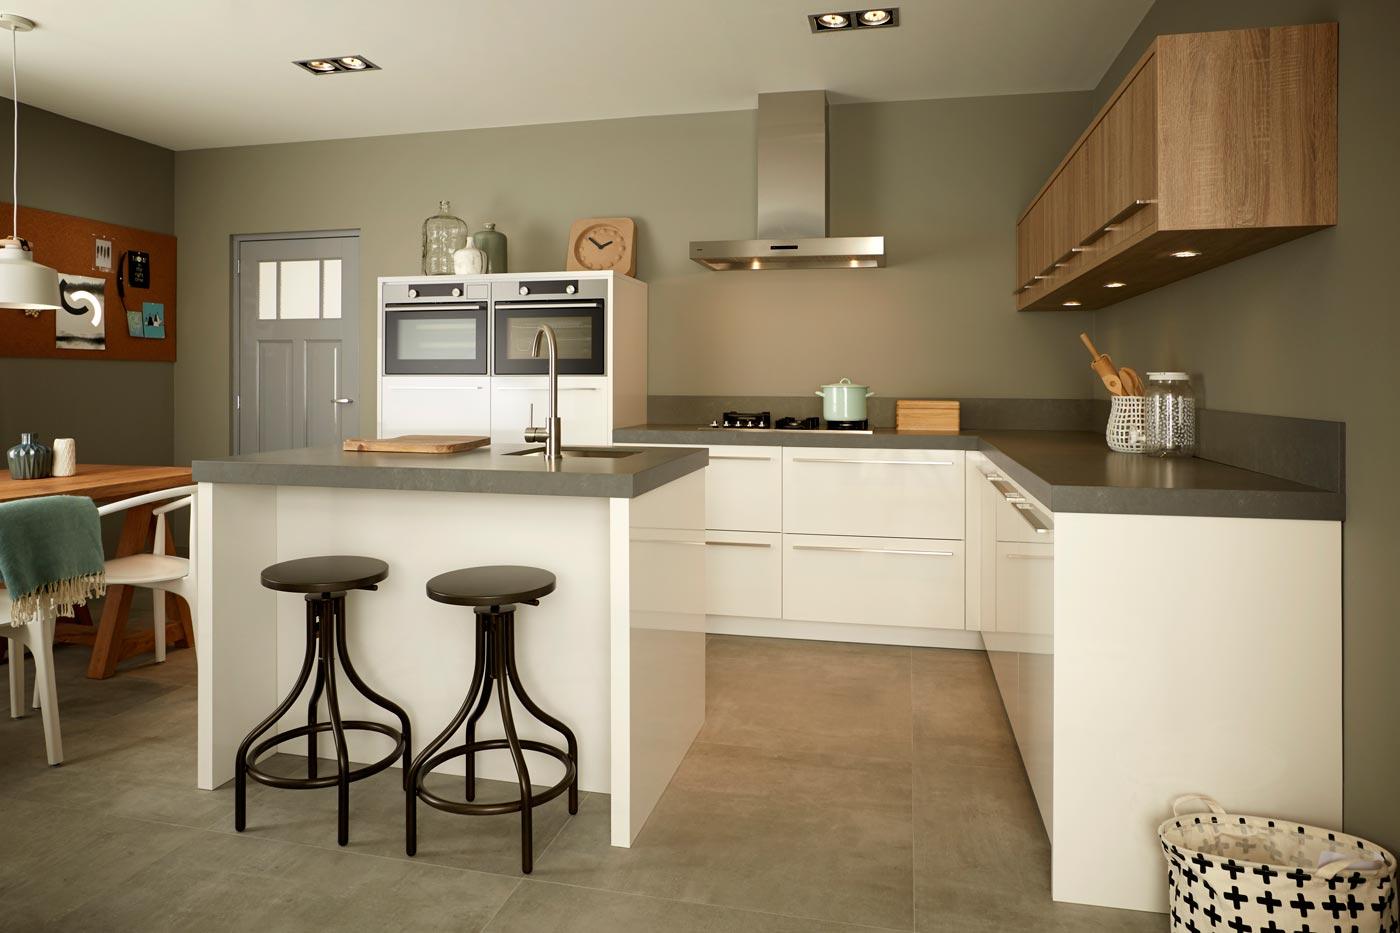 keuken quartz oak